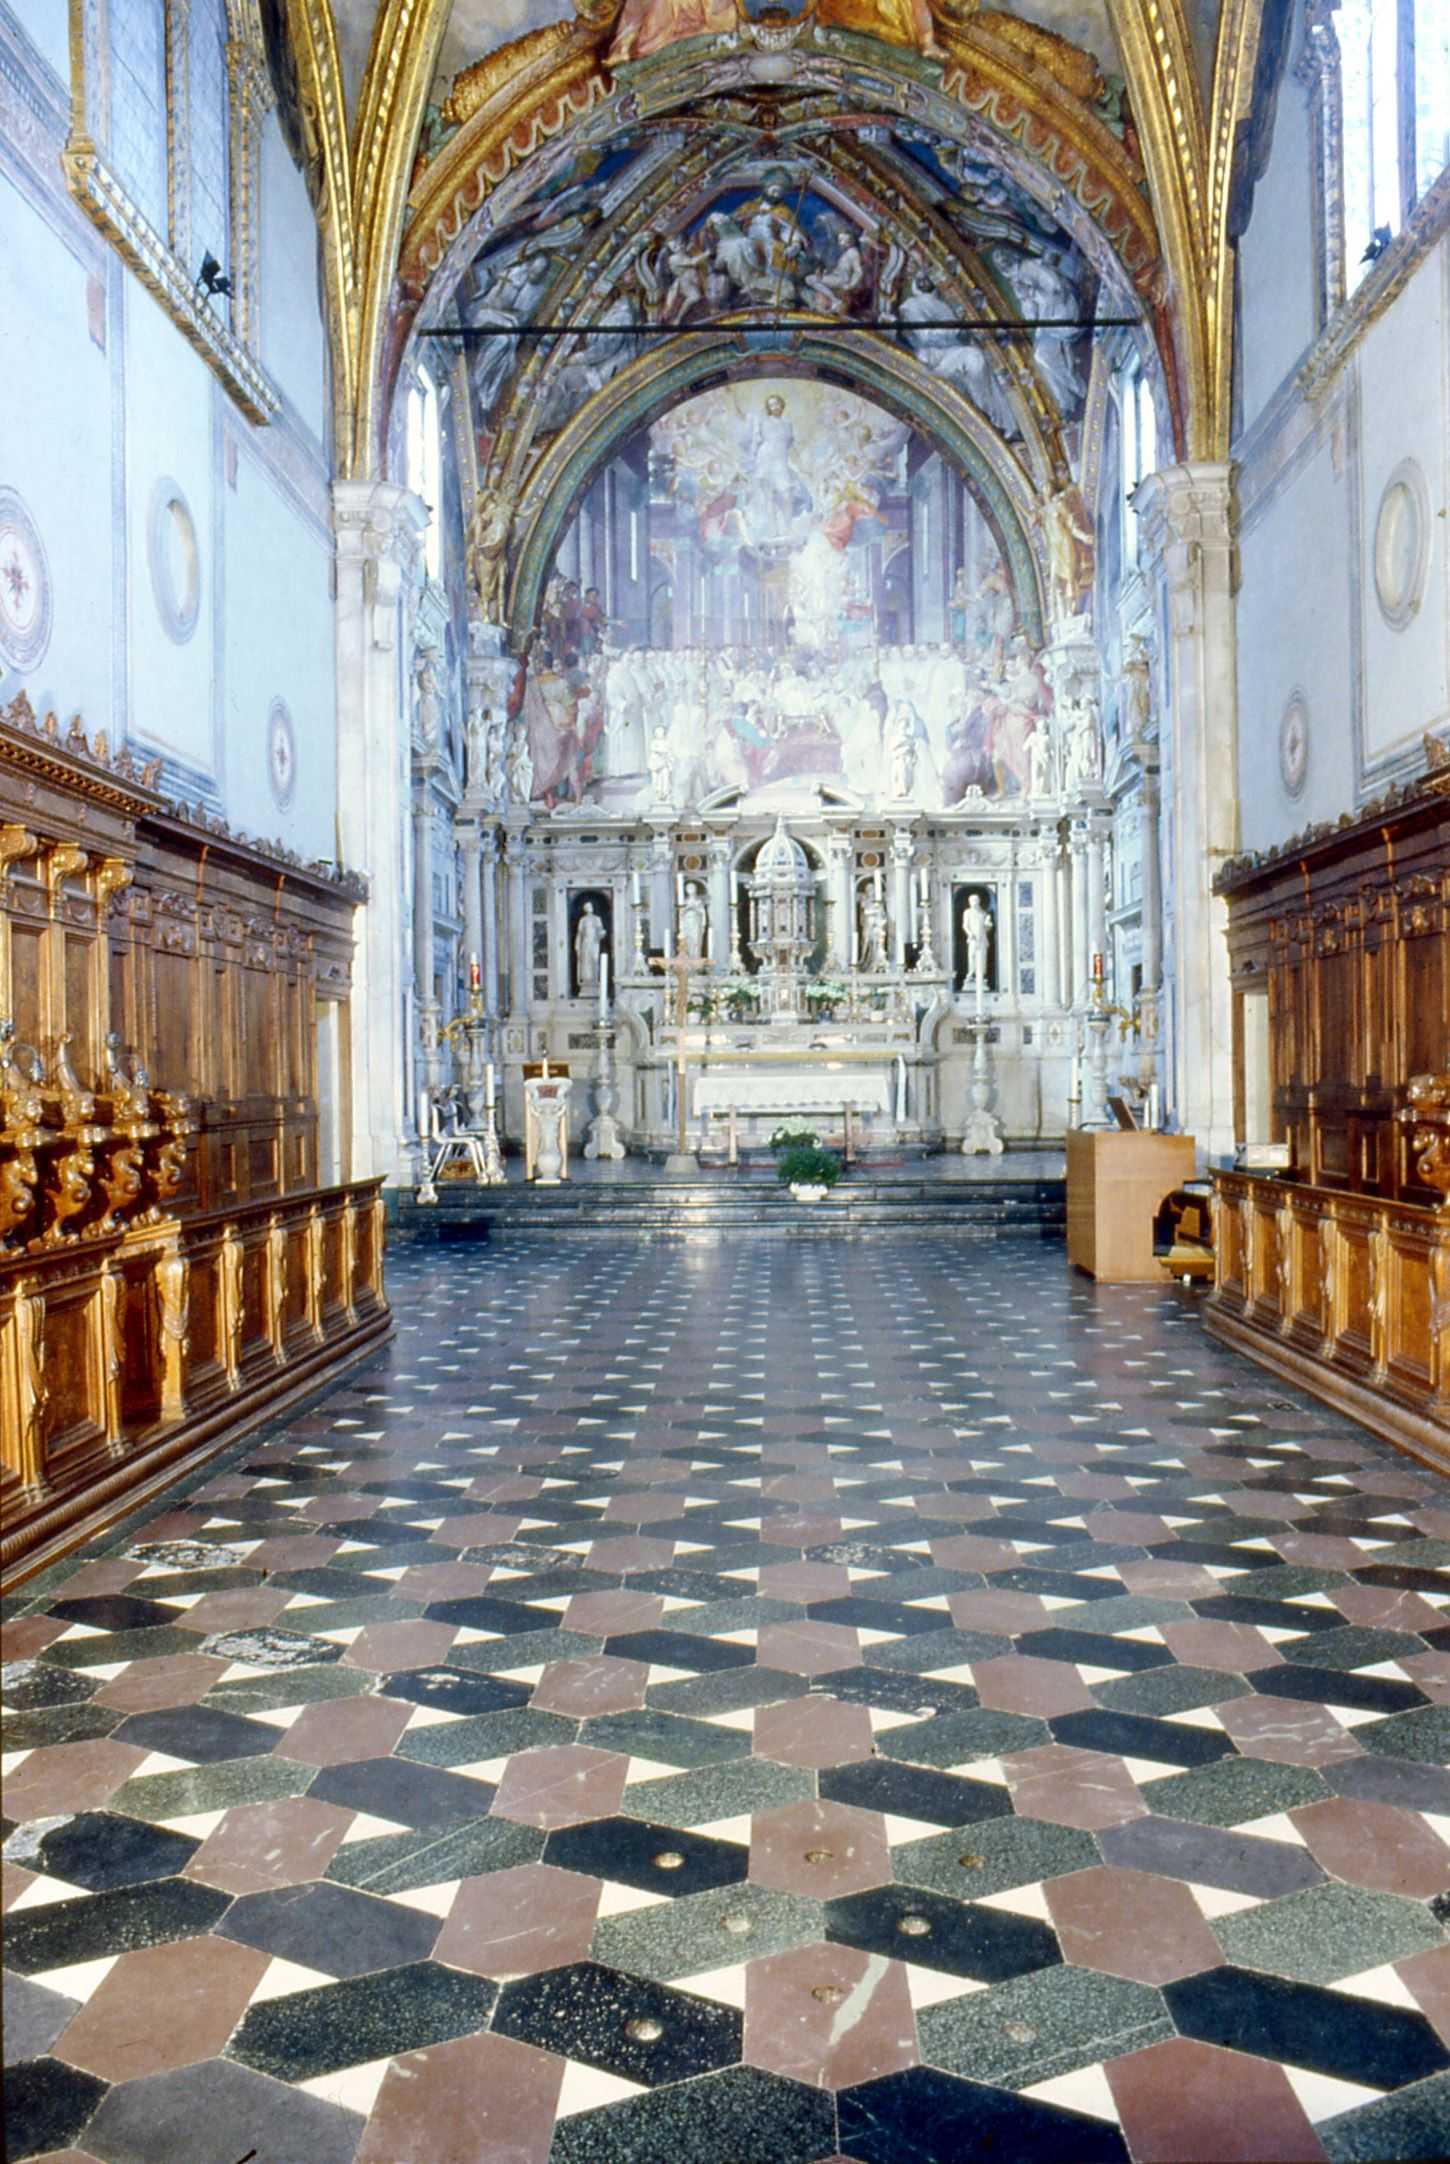 Firenze interno della chiesa cartusialover 39 s blog for Interno chiesa